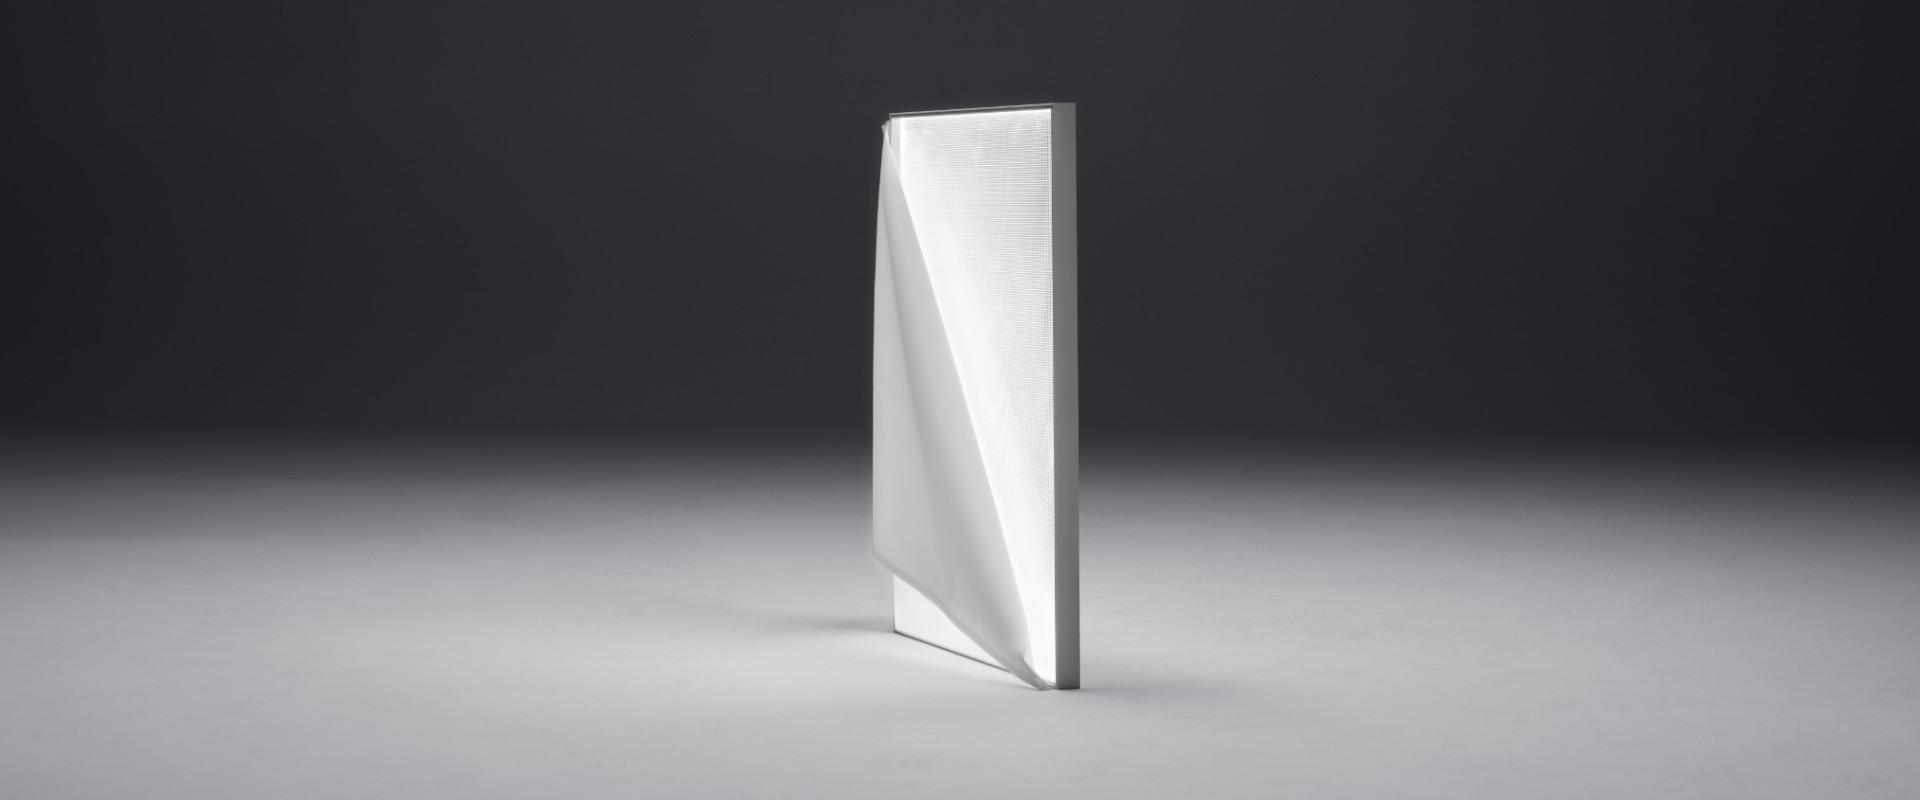 Backlit system lightbox